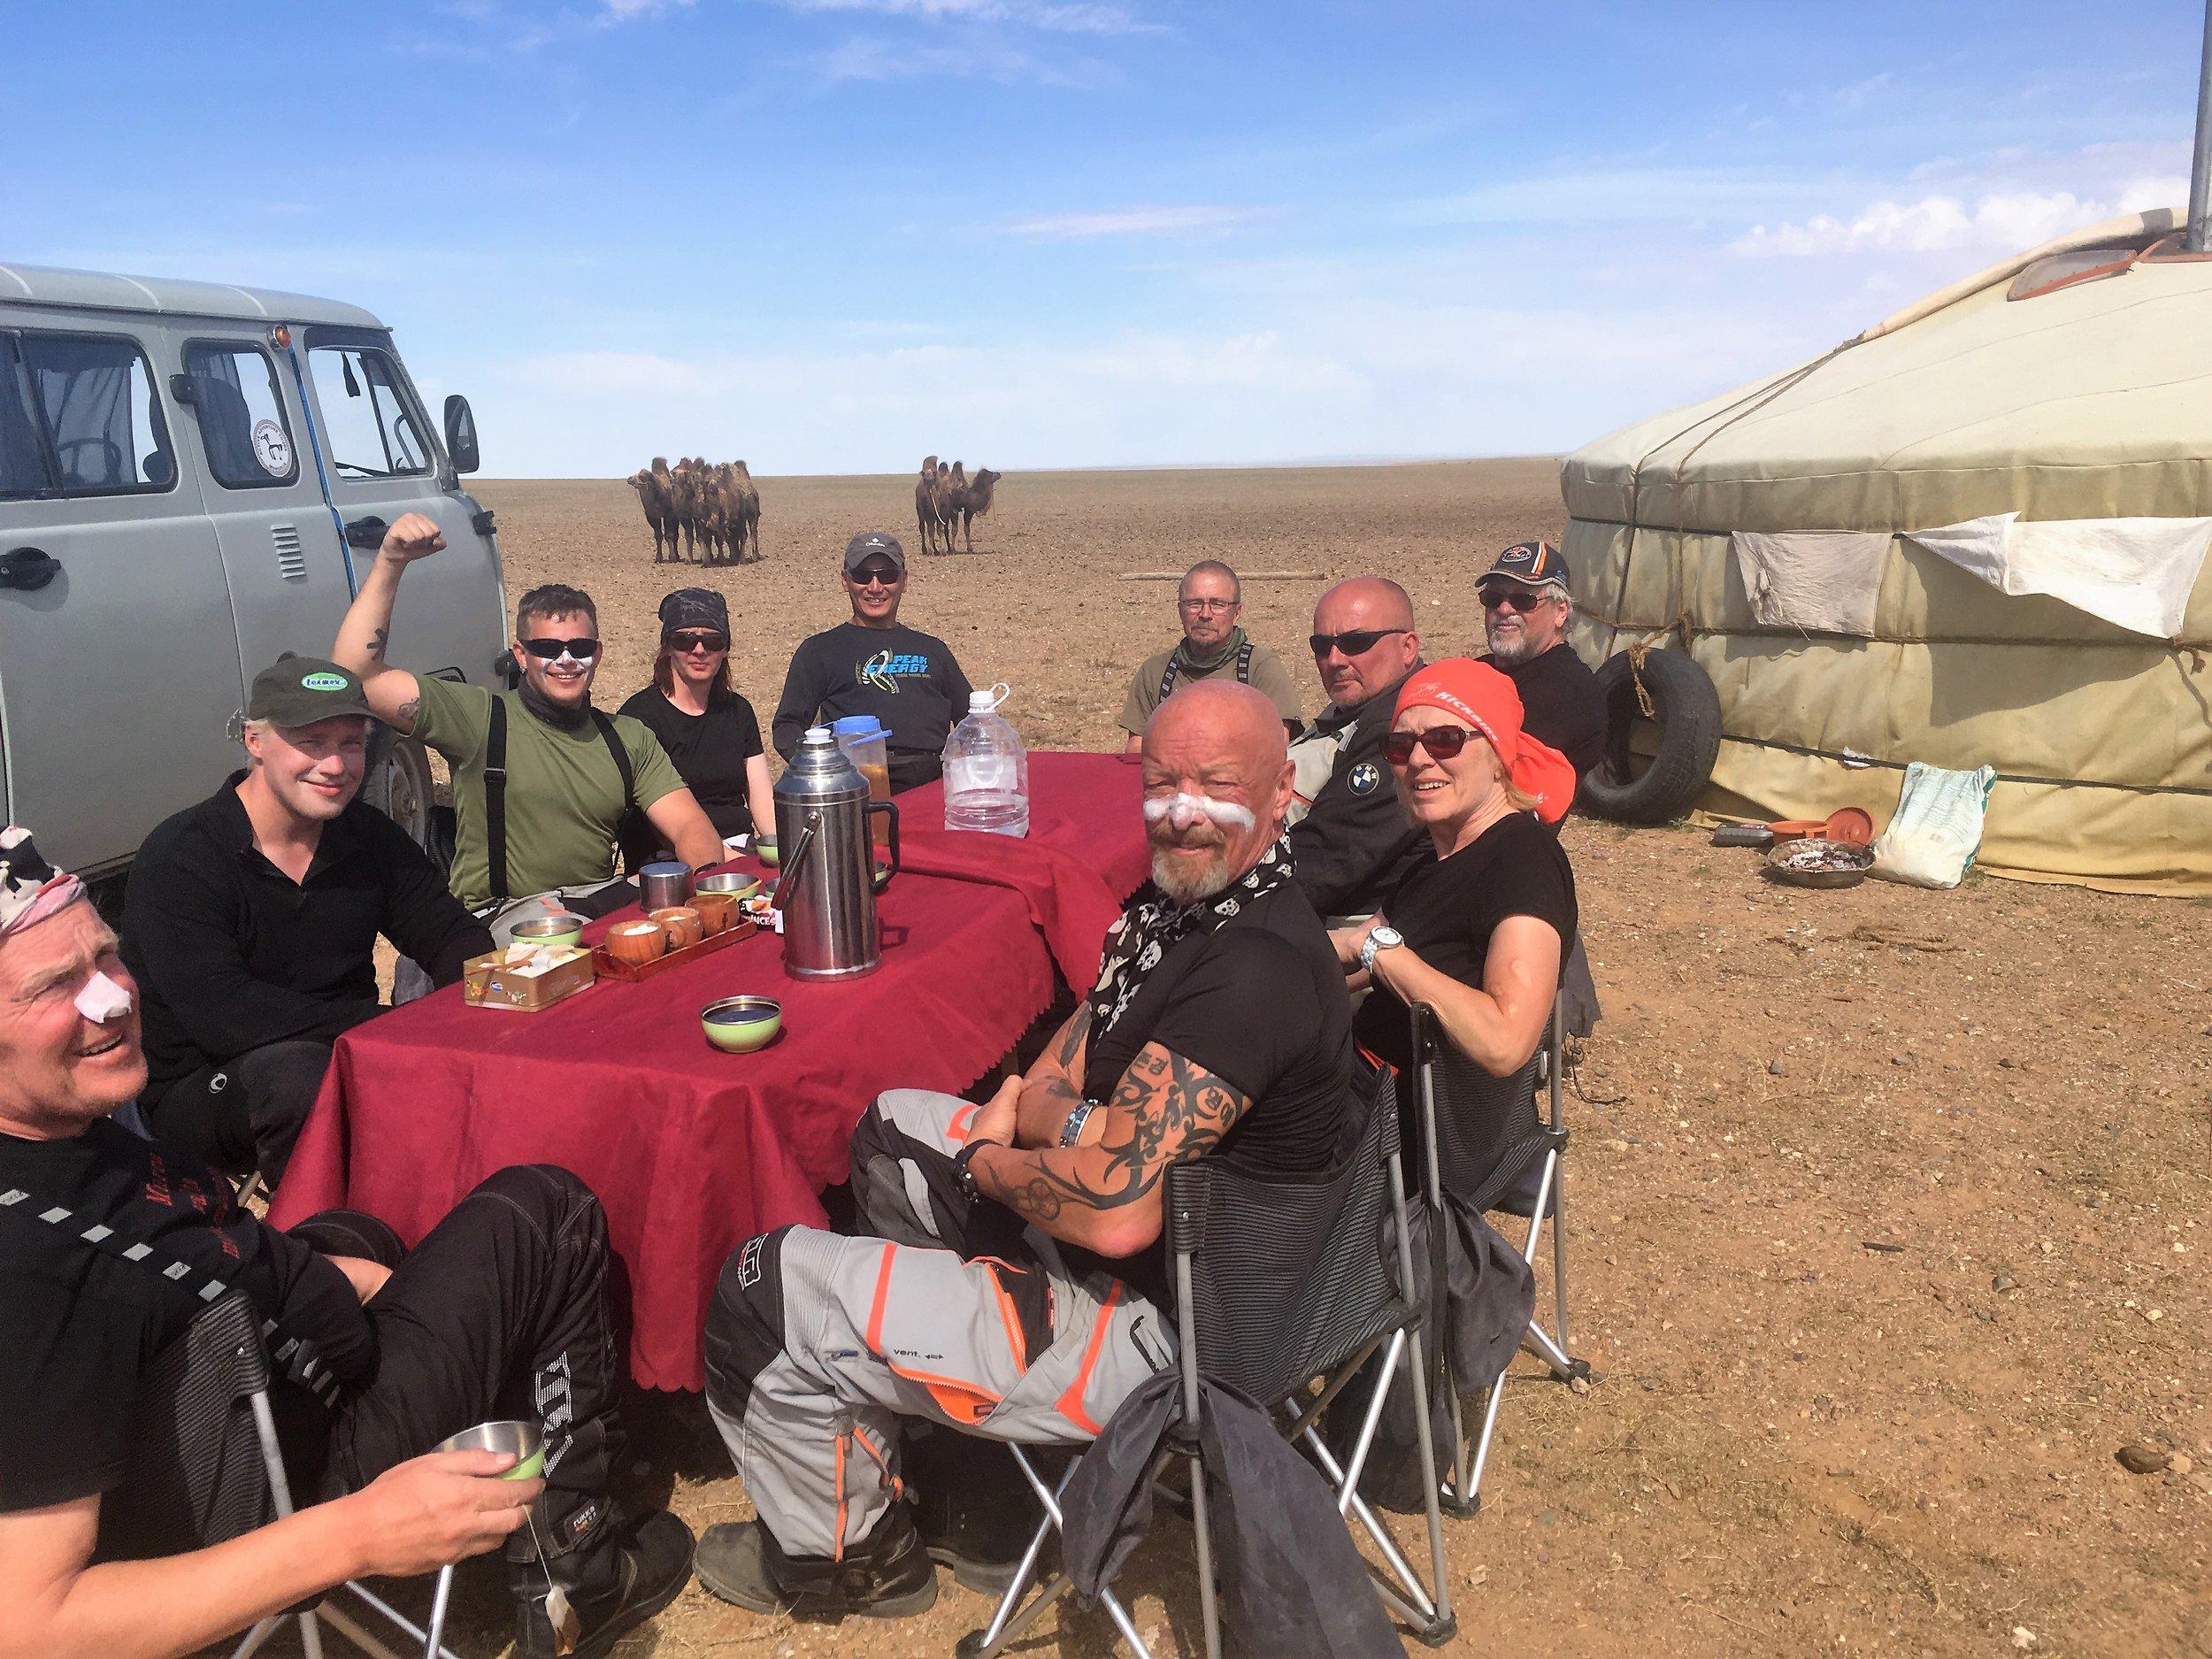 Ryhmä valmiina maistamaan erinomaisia sapuskoita!